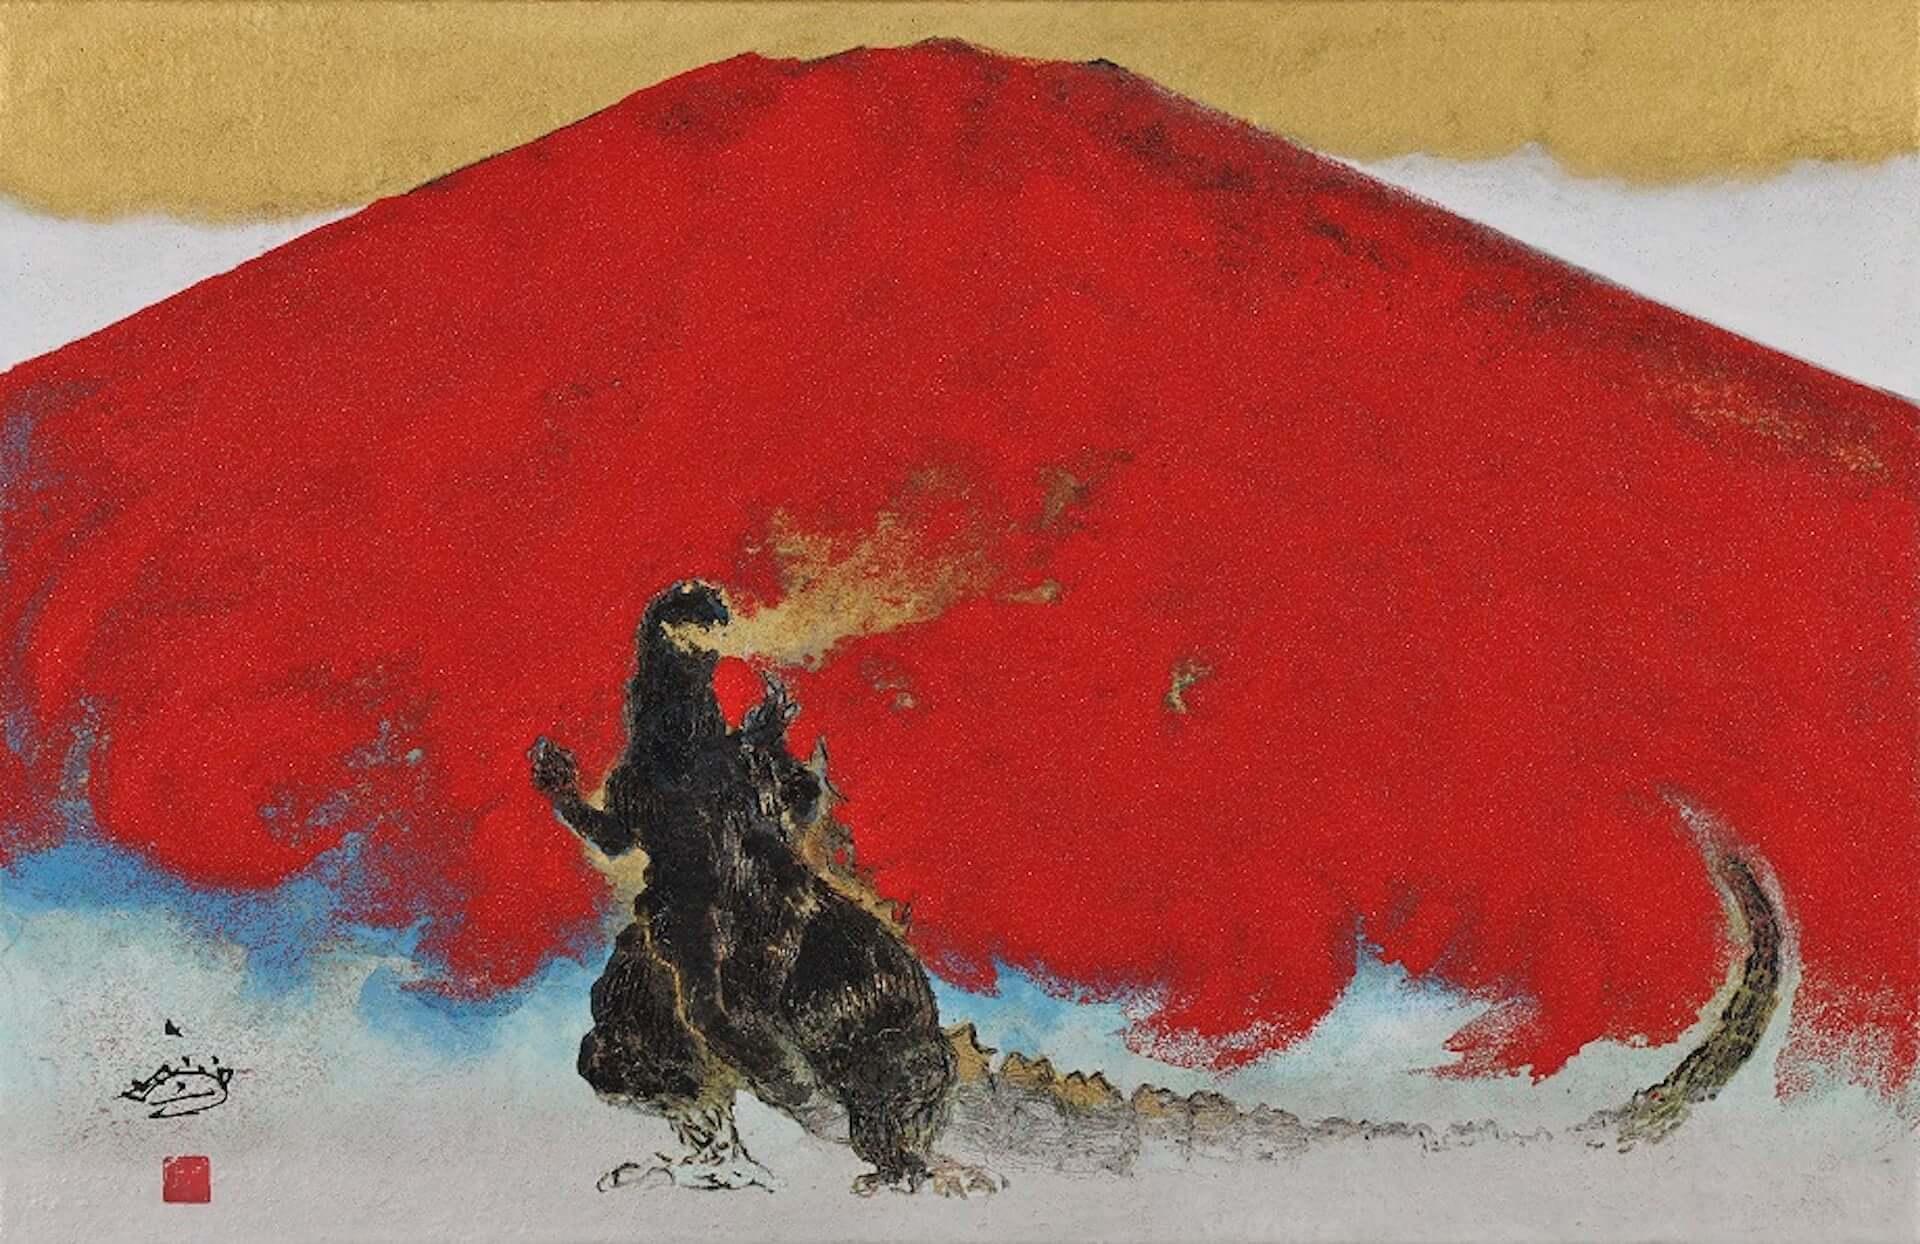 ゴジラが日本画で描かれる!展覧会<村上裕二日本画展 「怪獣王ゴジラの世界」>&<「怪獣王GODZILLA」村上裕二日本画展>が開催決定 artculture200115_godzilla_5-1920x1244